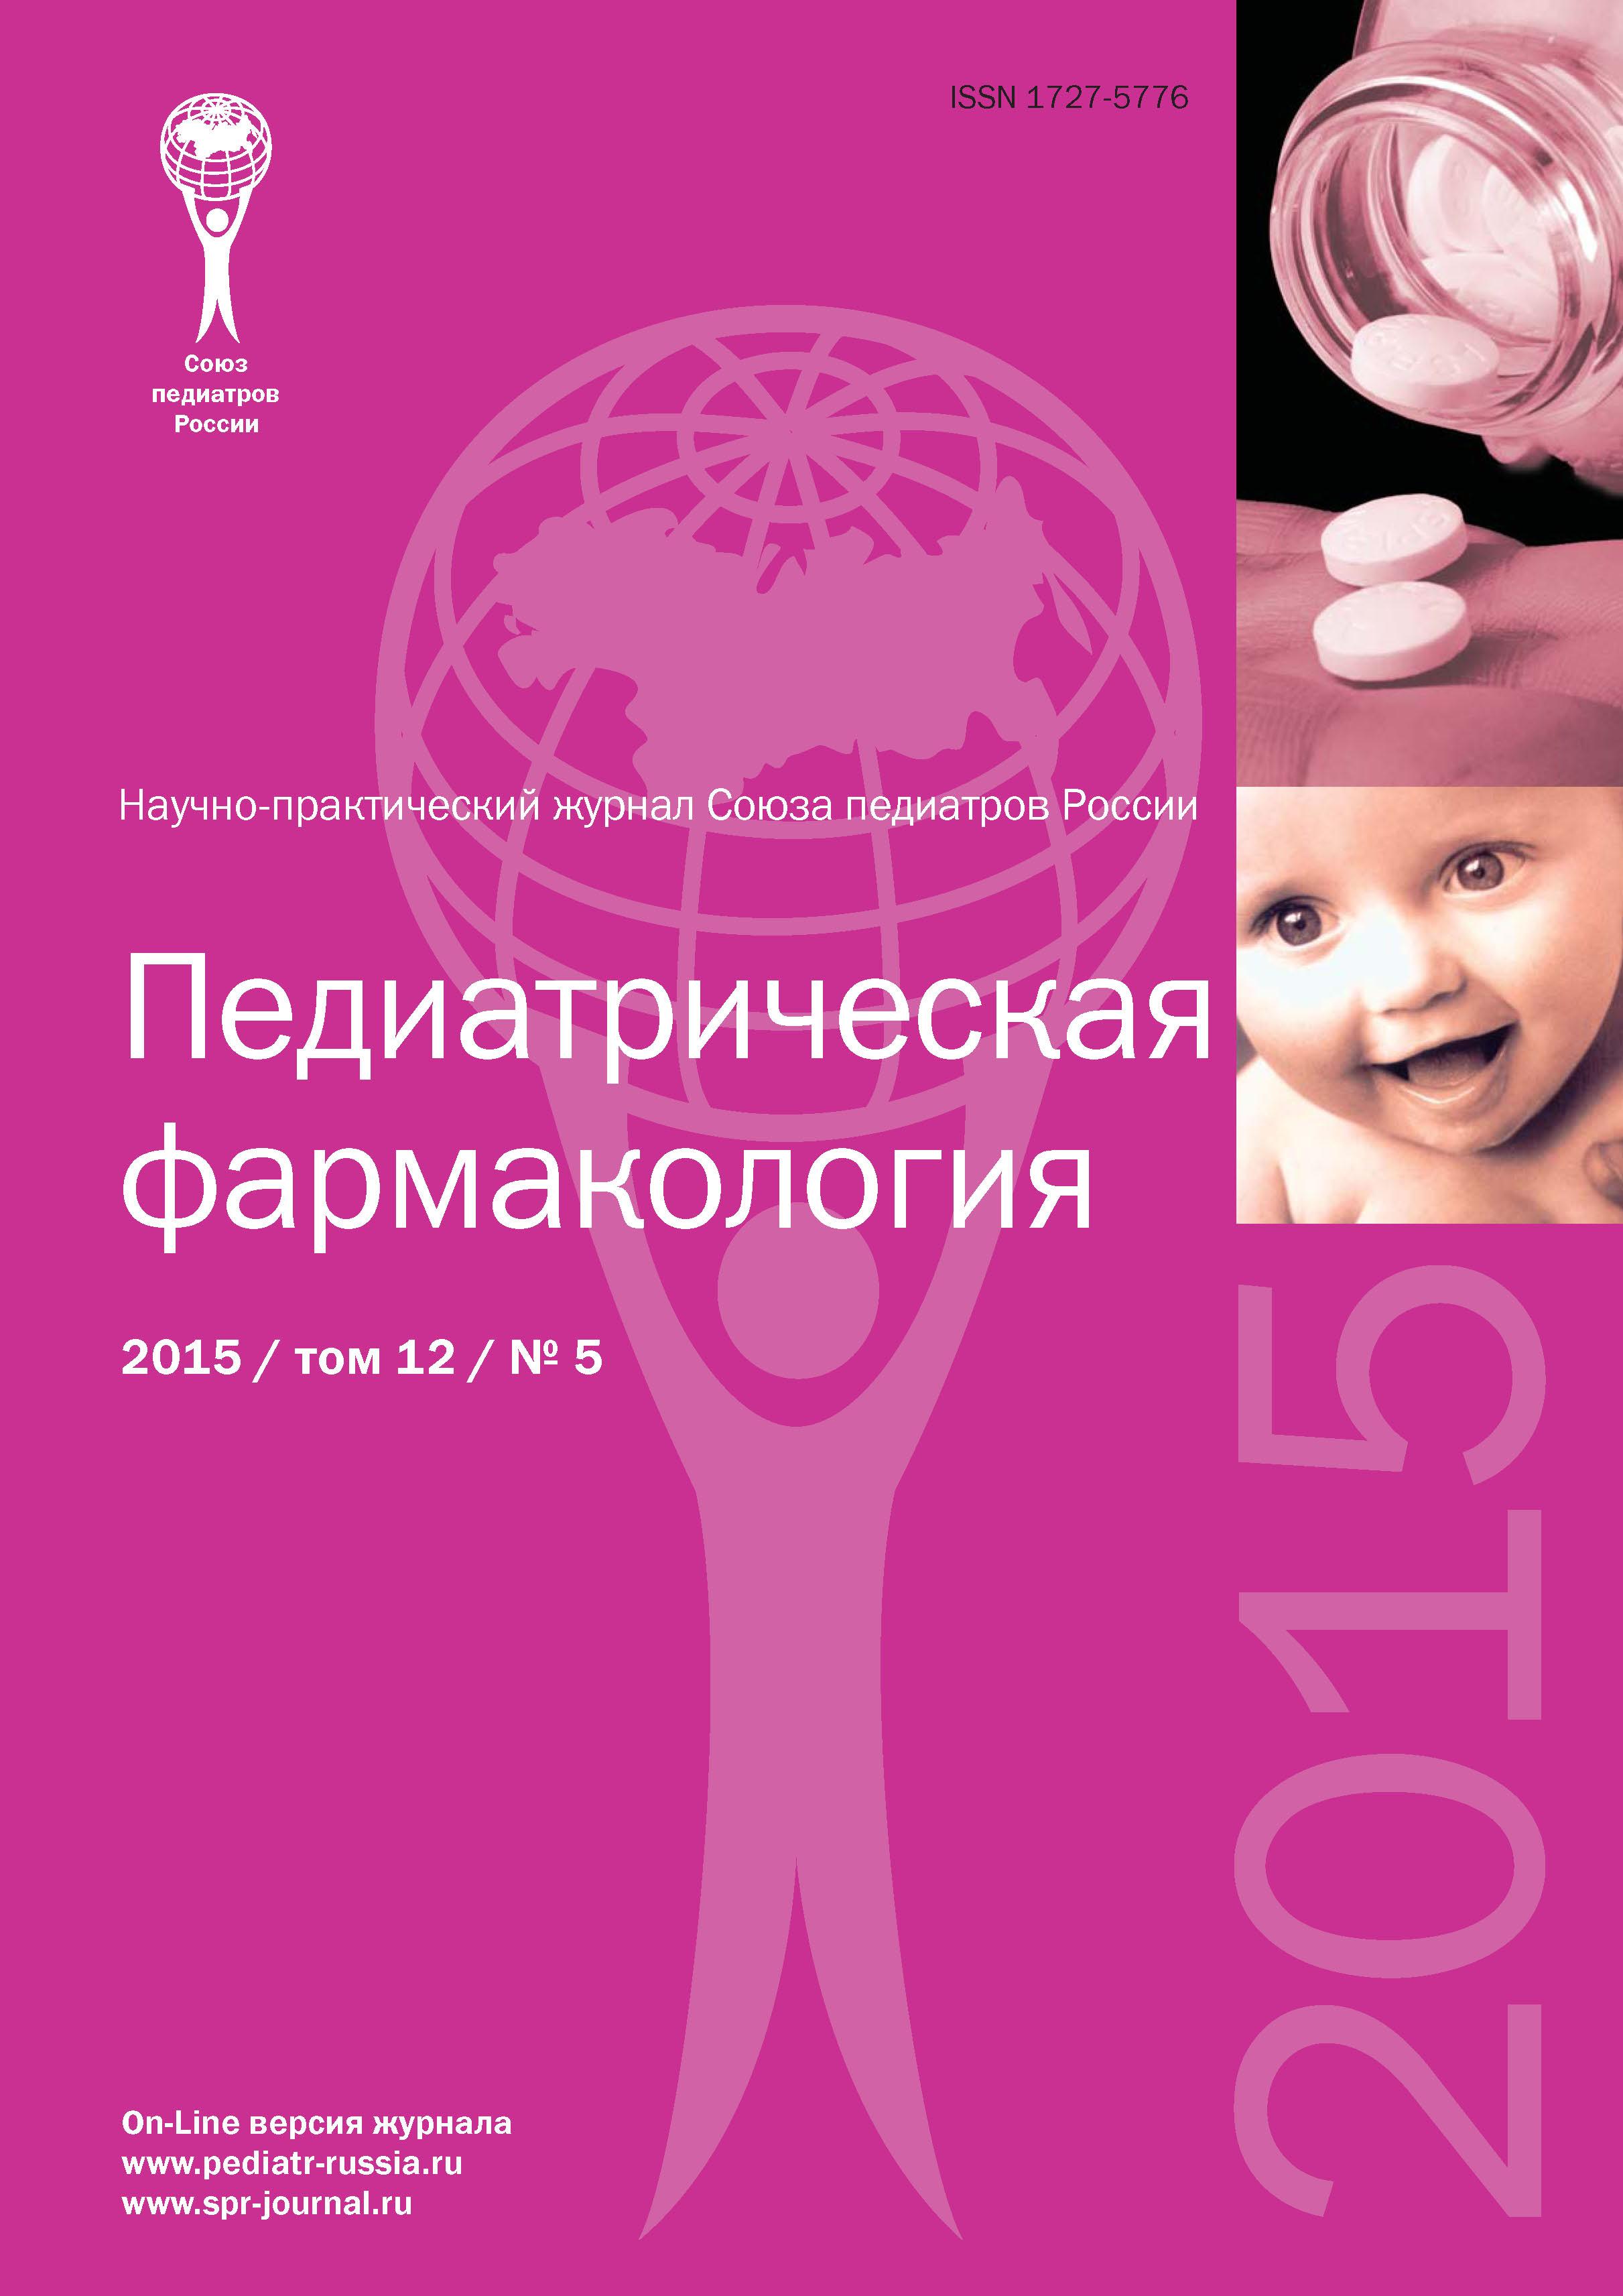 Отсутствует Педиатрическая фармакология №5/2015 коллектив авторов иммунопрофилактика менингококковой инфекции у детей